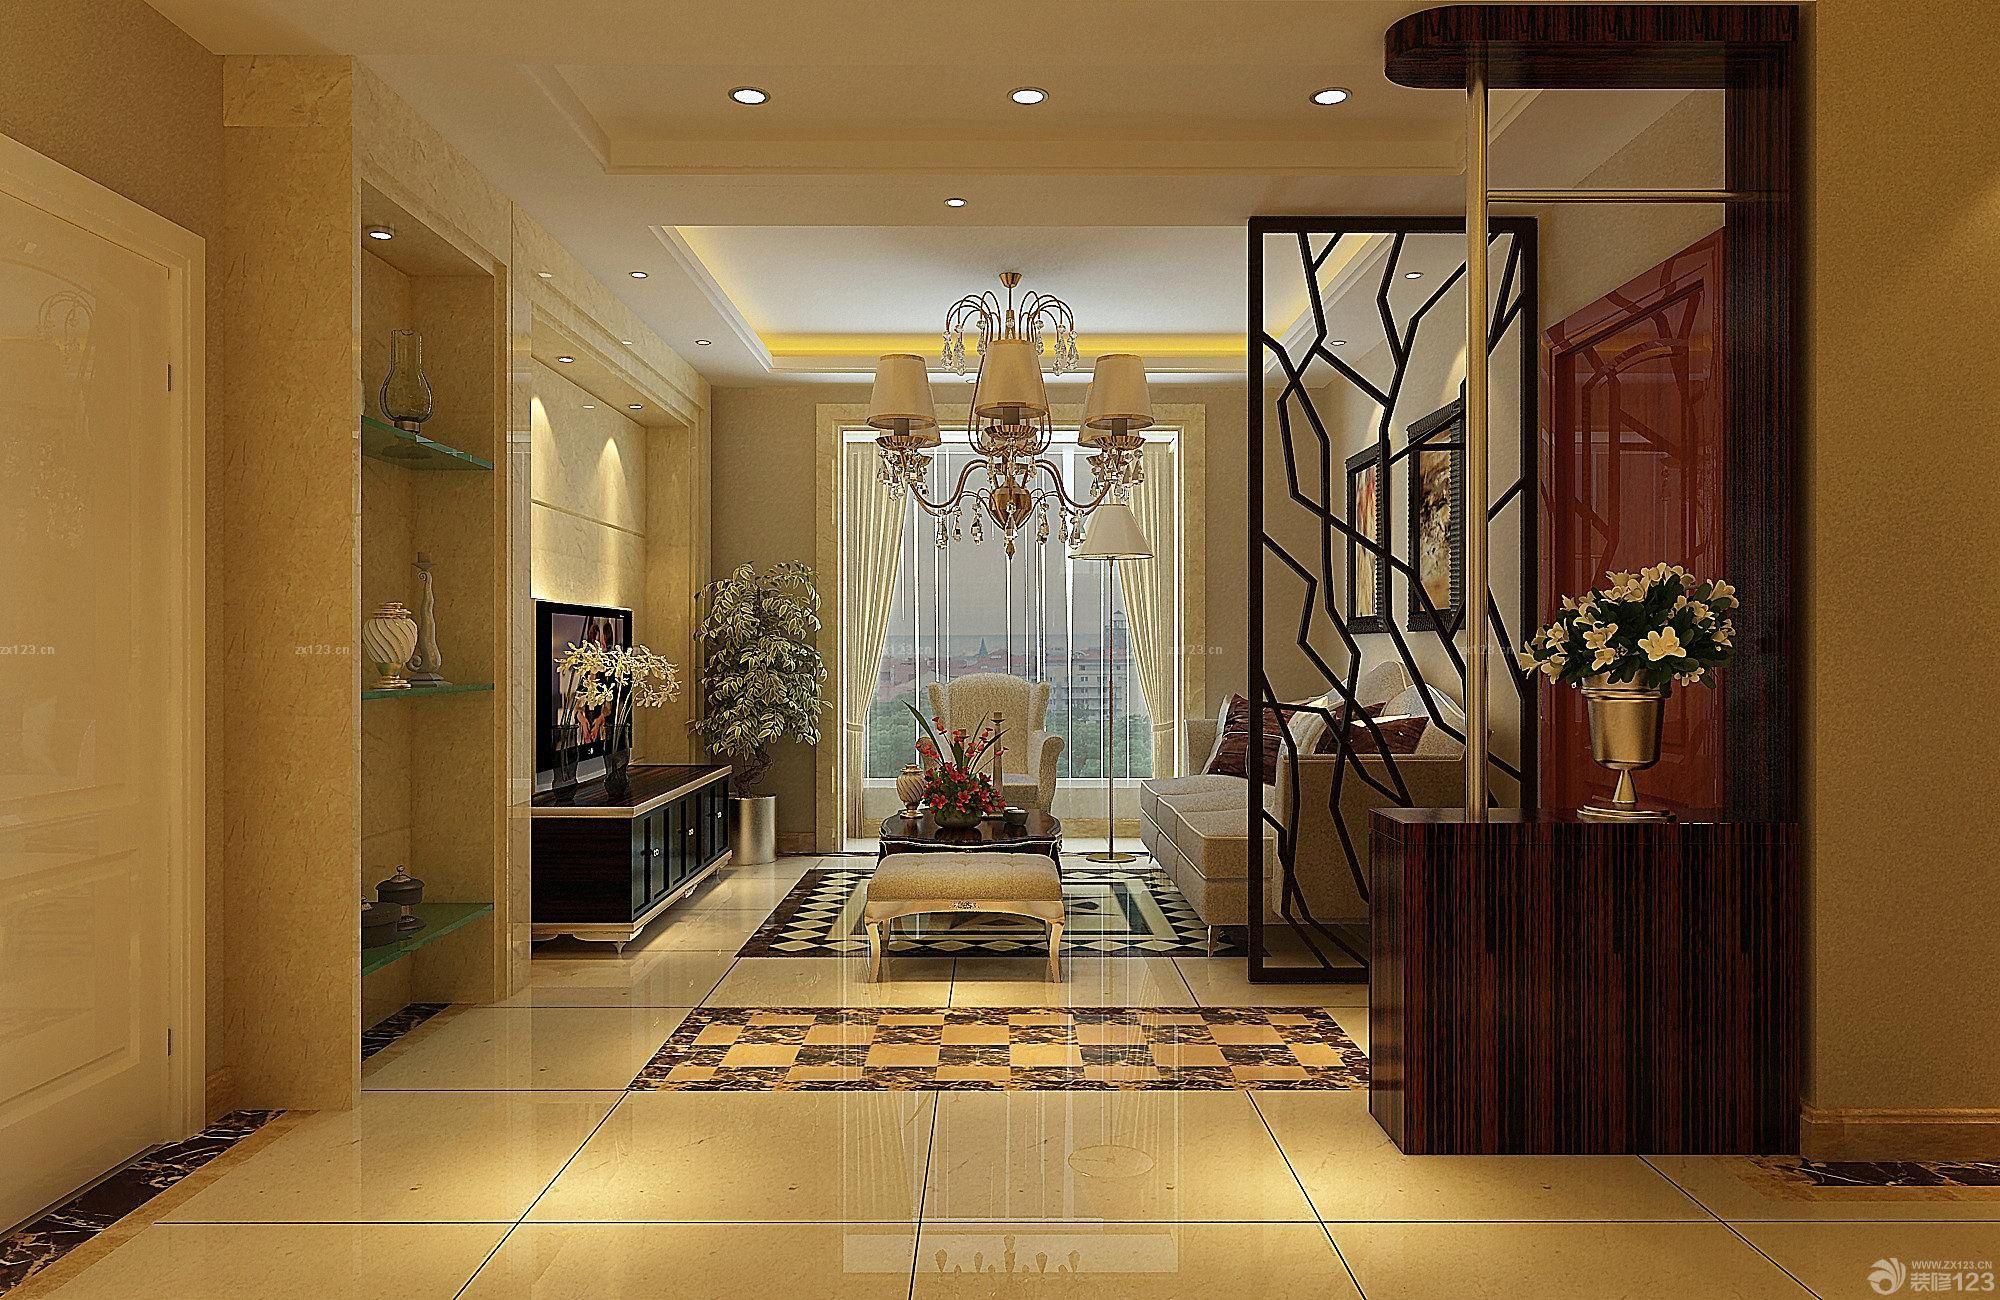 瓷砖客厅铺贴效果图-客厅装修铺瓷砖效果图|瓷砖铺贴效果图软件|客厅